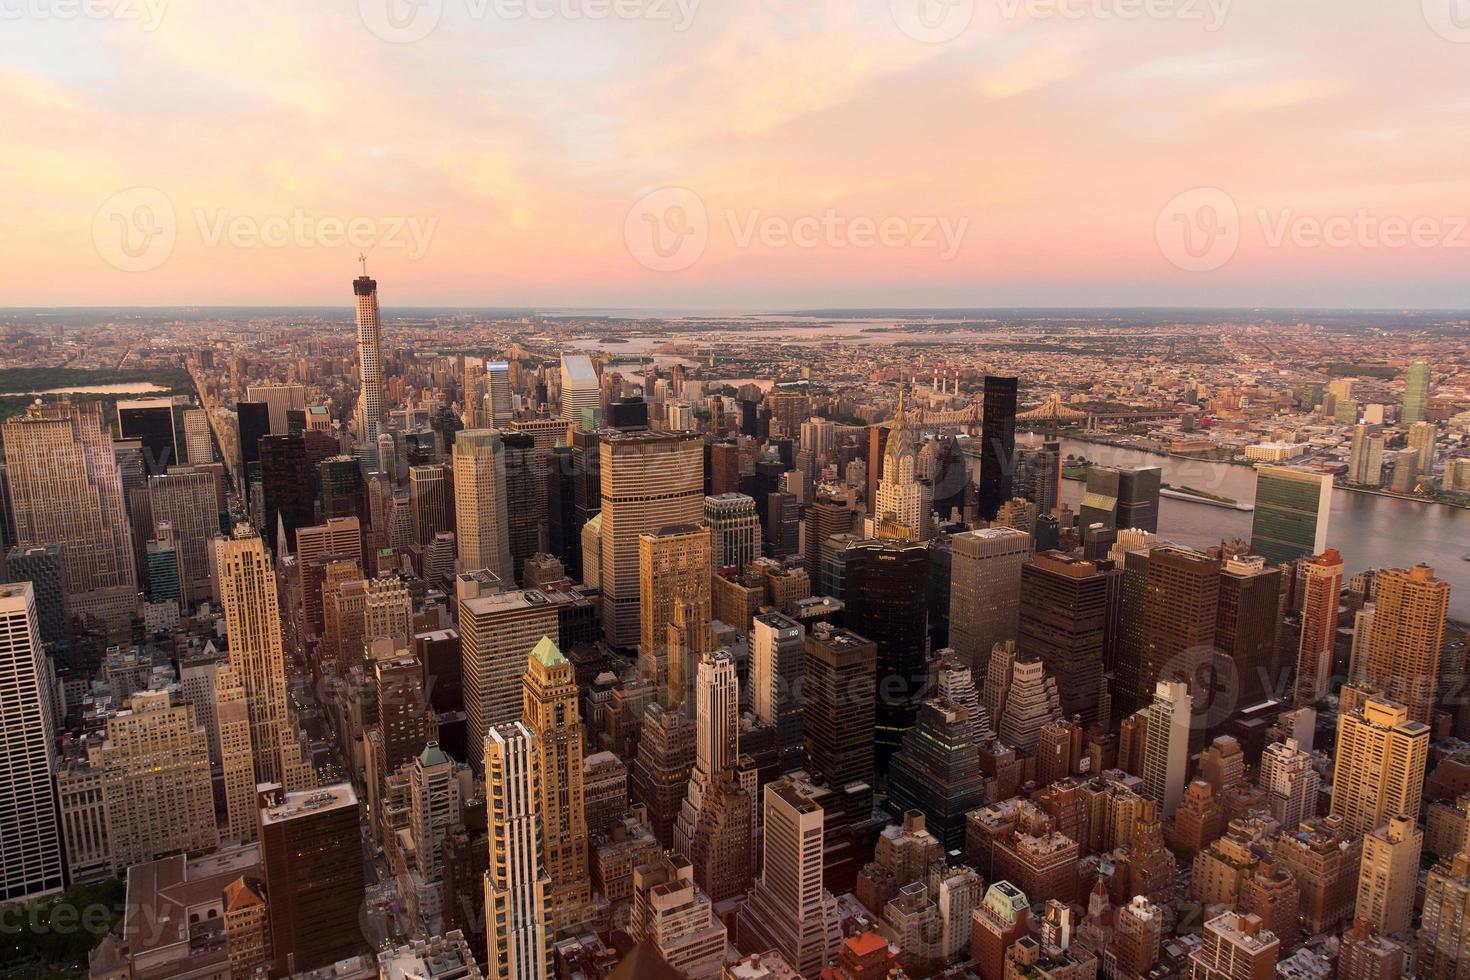 nyc avec des gratte-ciel urbains au coucher du soleil photo